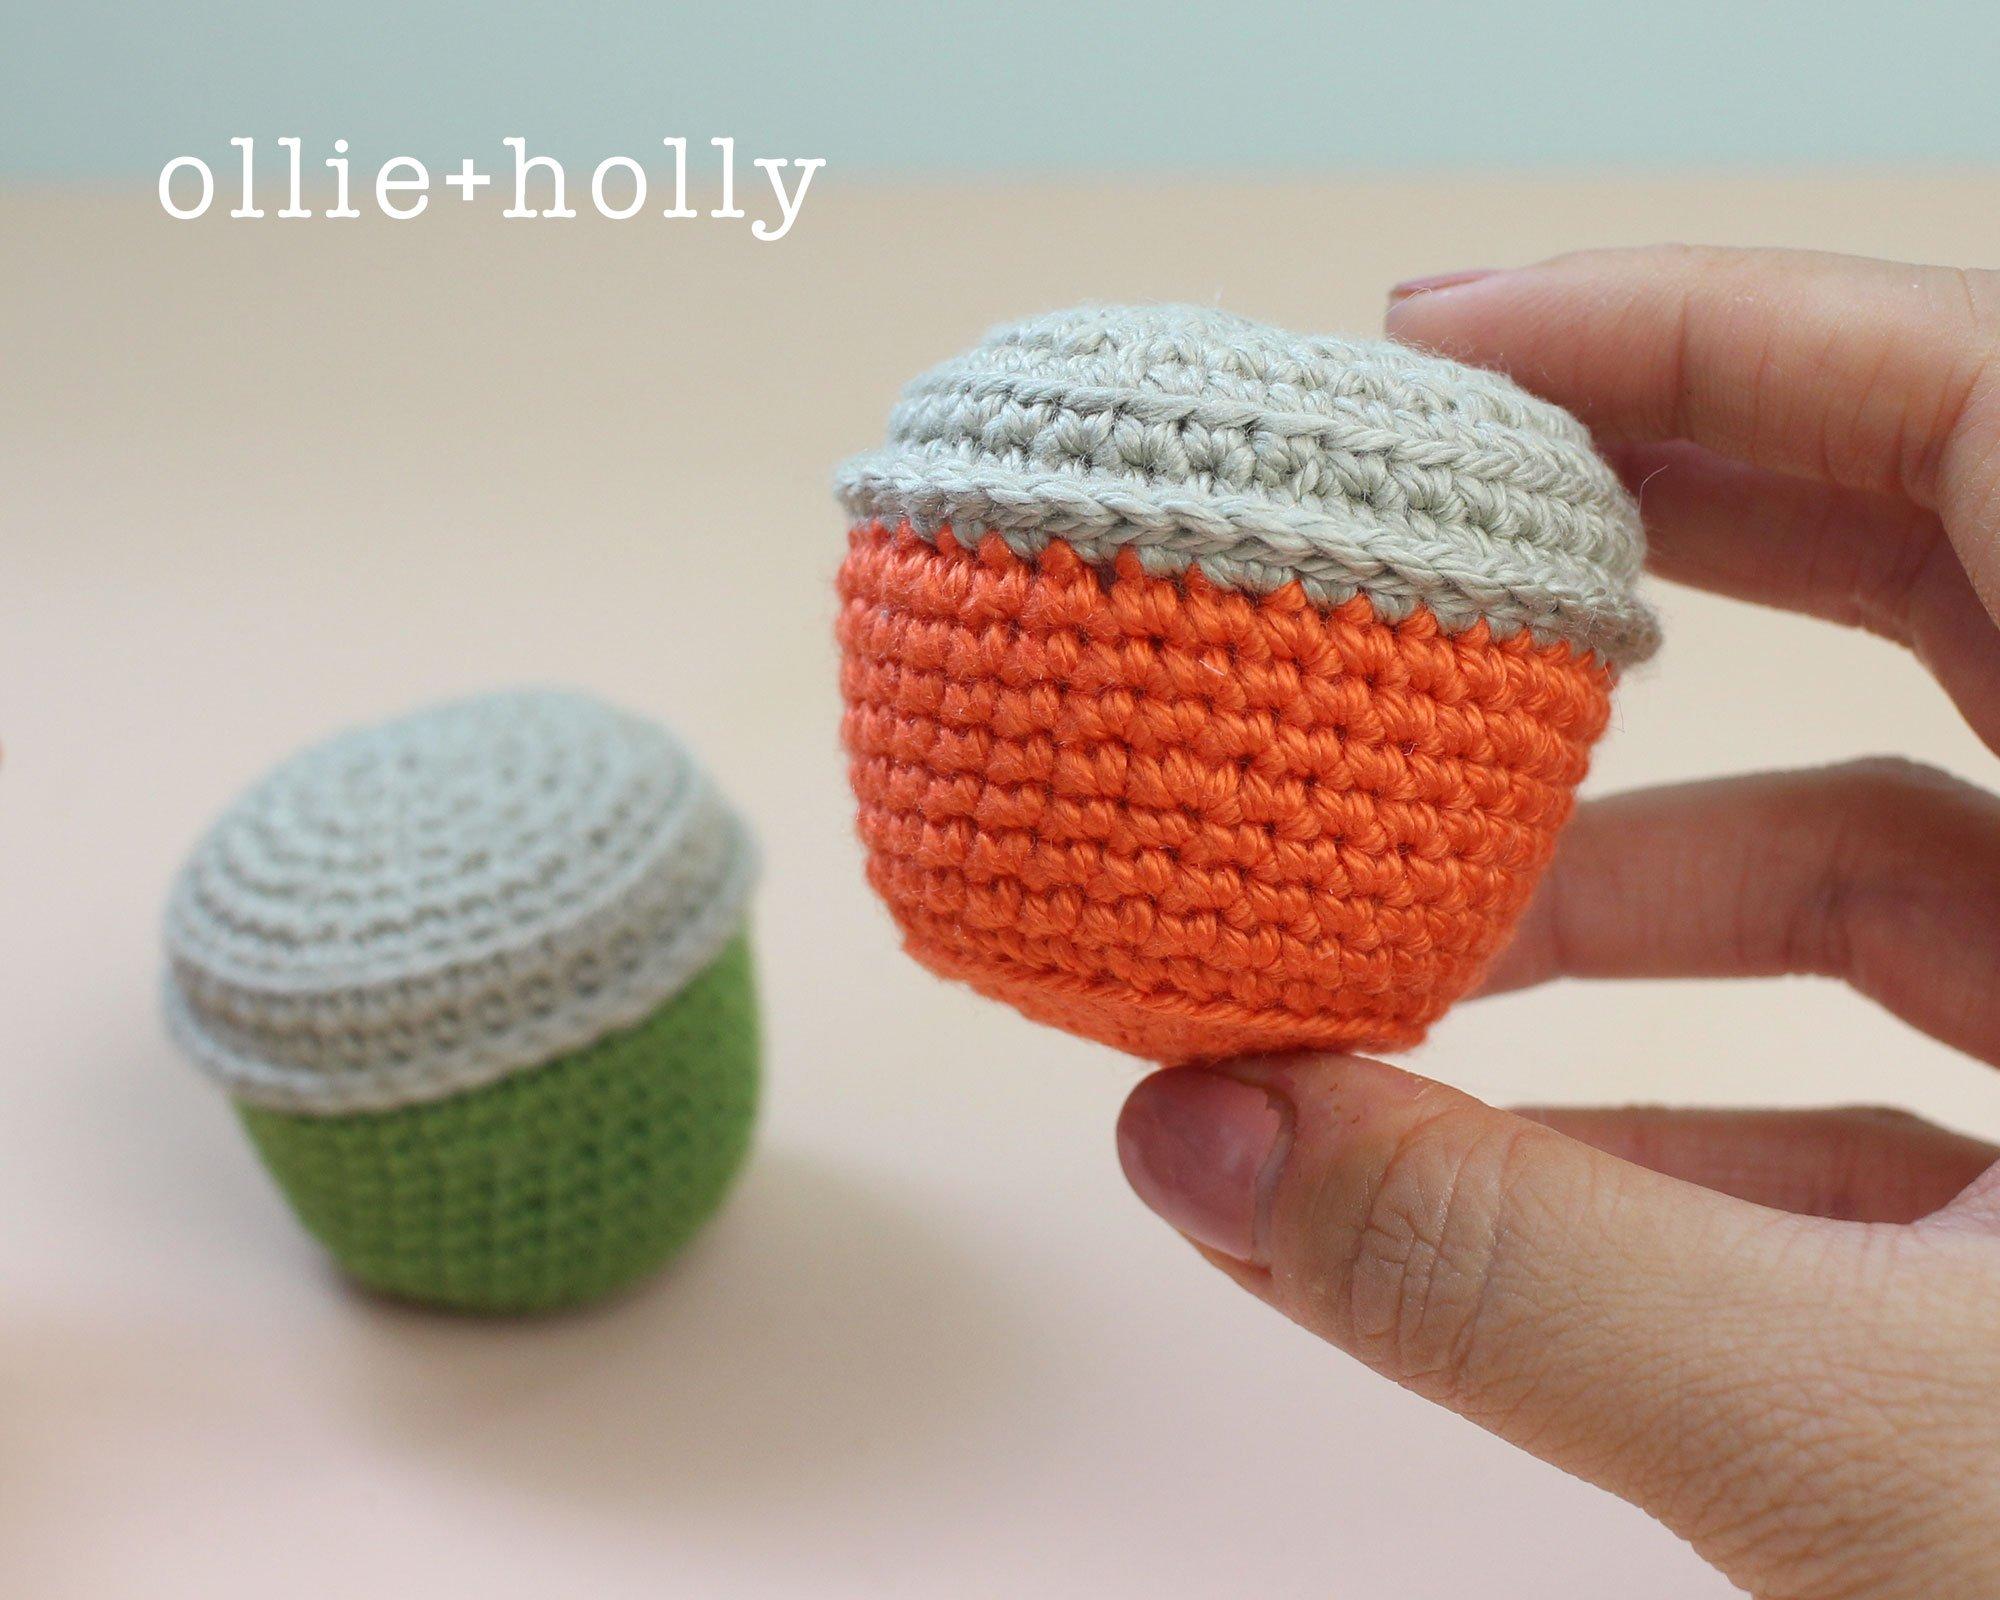 Free Taiwan Tatung Rice Cooker Amigurumi Keychain/Ornament Crochet Pattern Step 1